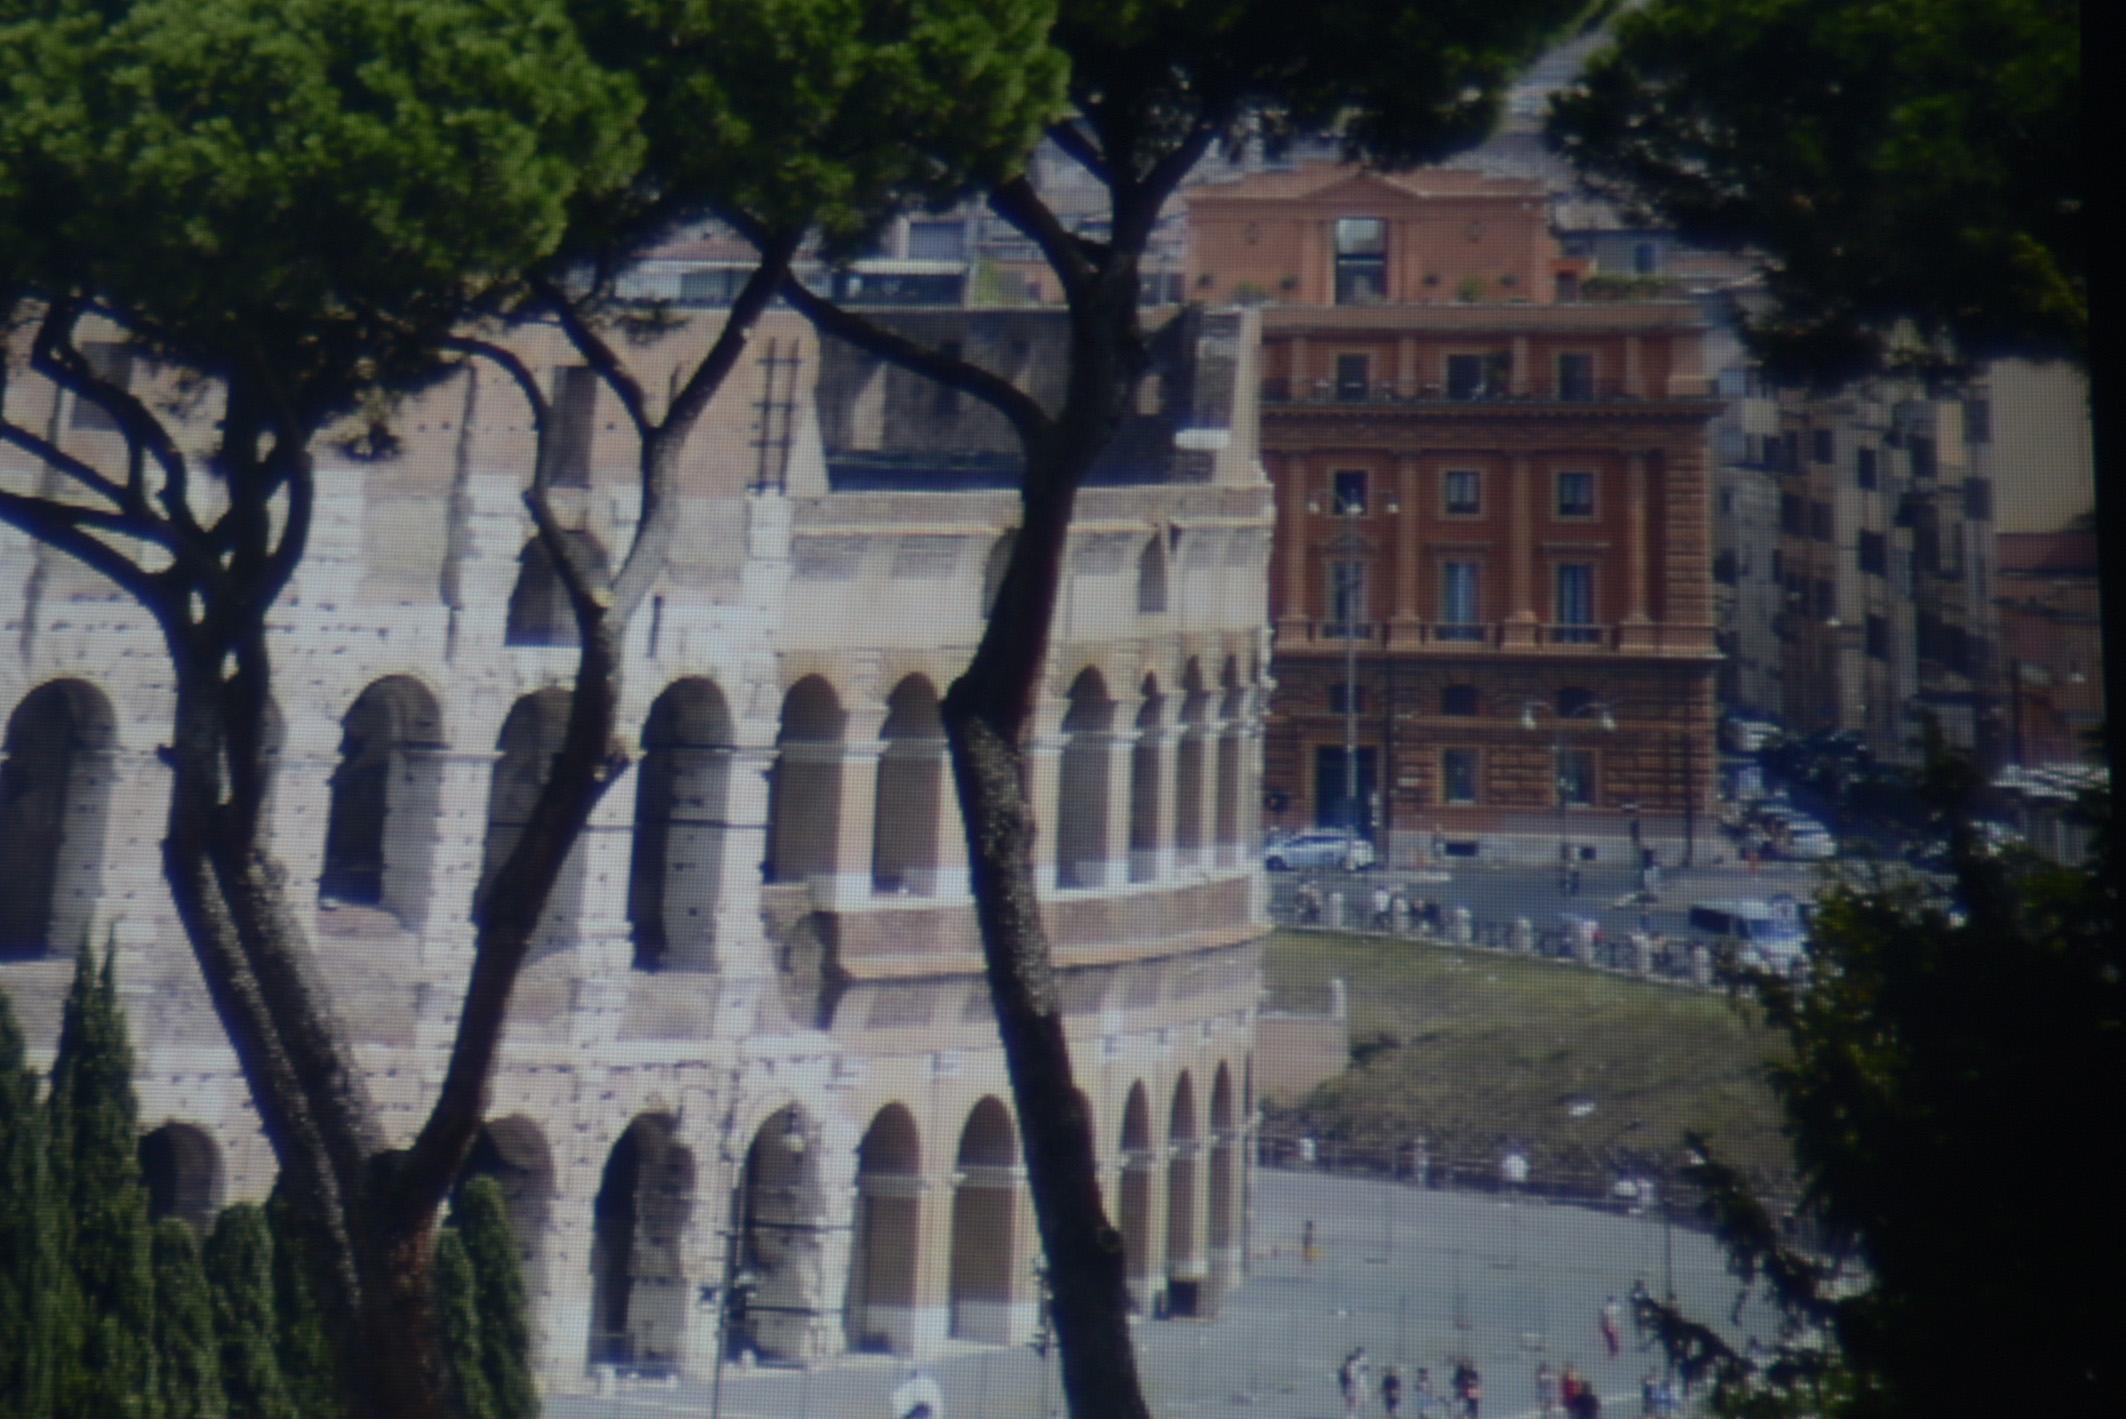 Foto: Michael B. Rehders - Screenshot ohne Darbee: Das braun-rote Gebäude im Hintergrund in Rom ist ebenfalls ein klitzekleiner Ausschnitt aus einer projizierten Panoramaaufnahme. Die Säulen sind gut zu erkennen. Die Straßenlaterne vor dem Gebäude wird vollständig reproduziert, selbst der Zaun, der das Kolosseum von der Straße trennt, weist noch Zeichnung auf. Störende chromatische Aberrationen sind nicht zu sehen.